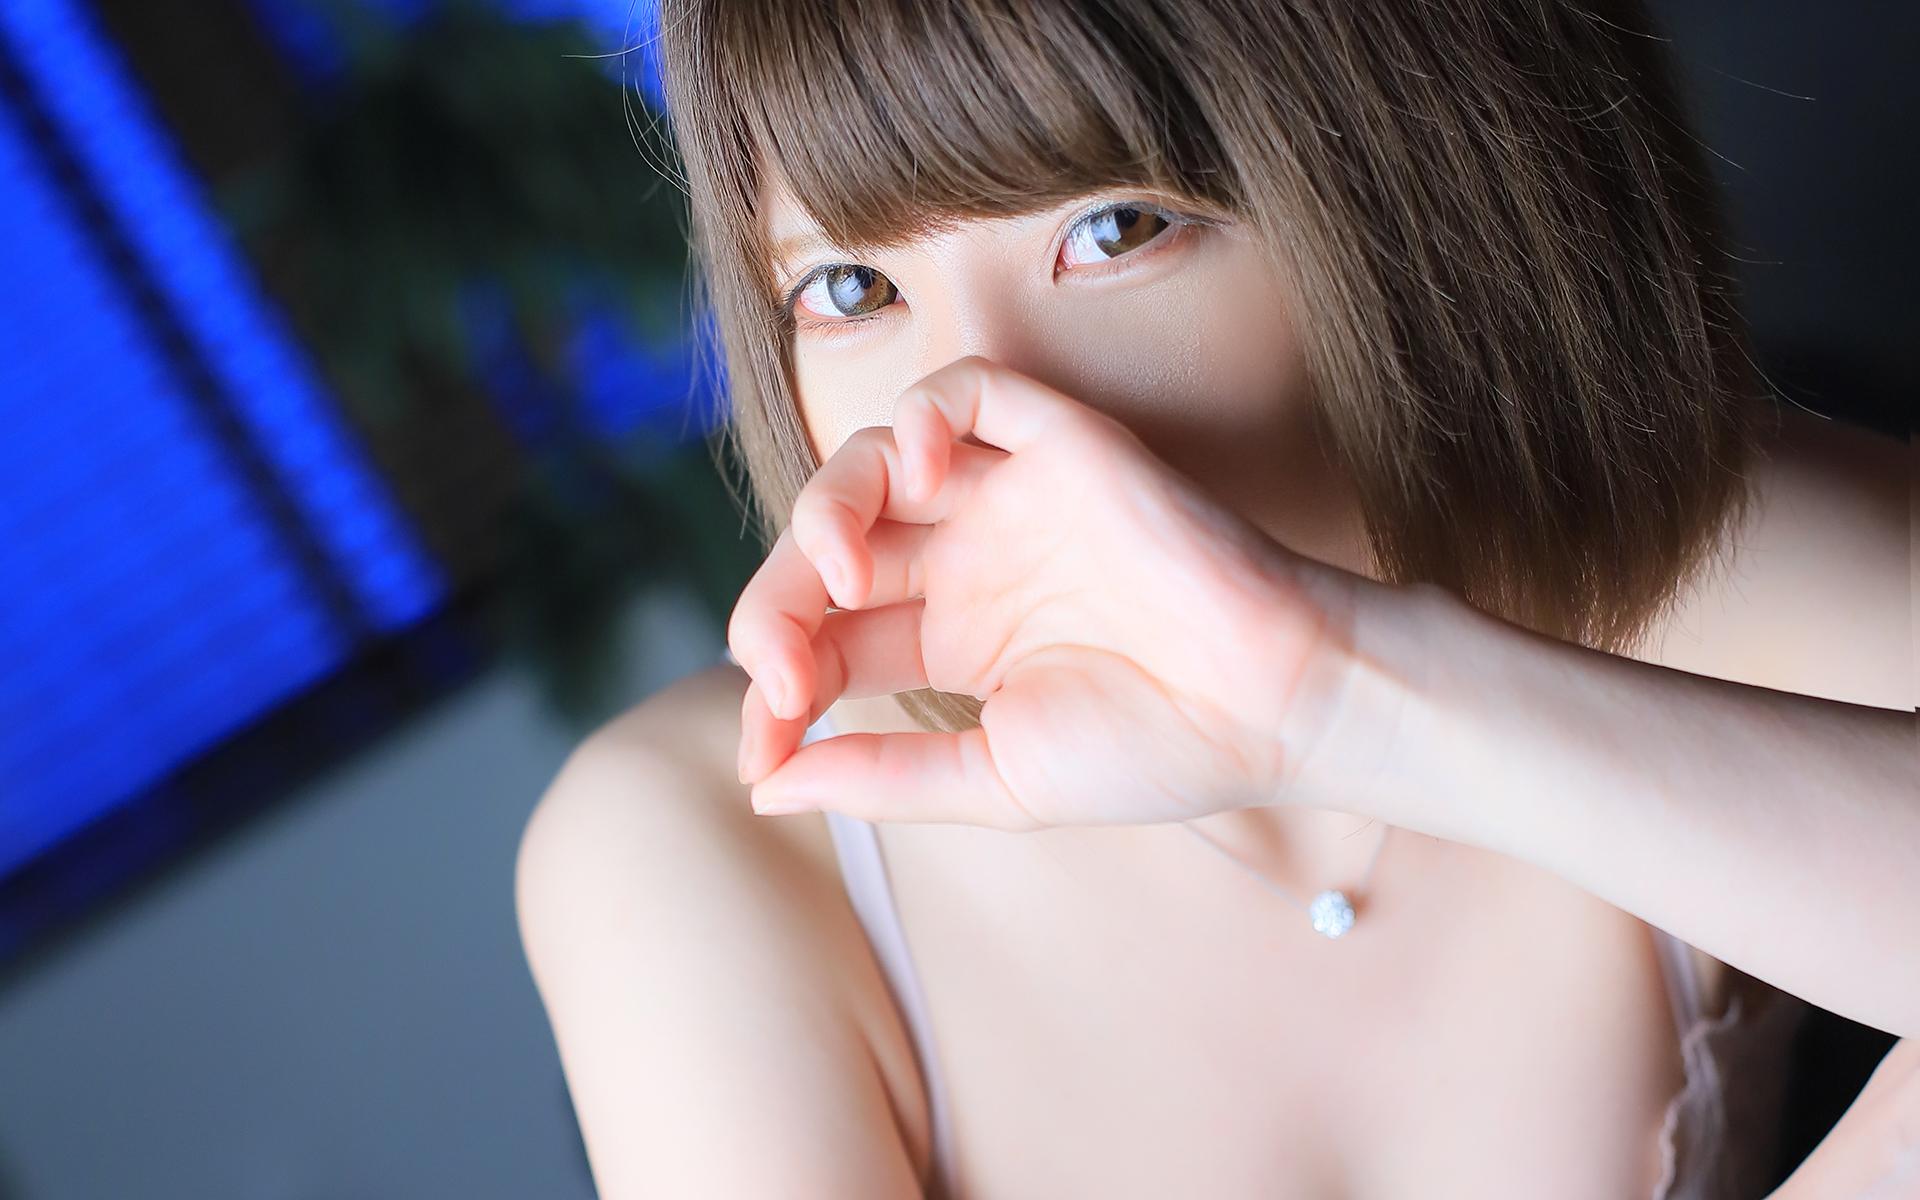 『秘密倶楽部 凛 TOKYO』錦糸町デリヘル 待ち合わせ型 人妻デリバリーヘルスみゆう画像